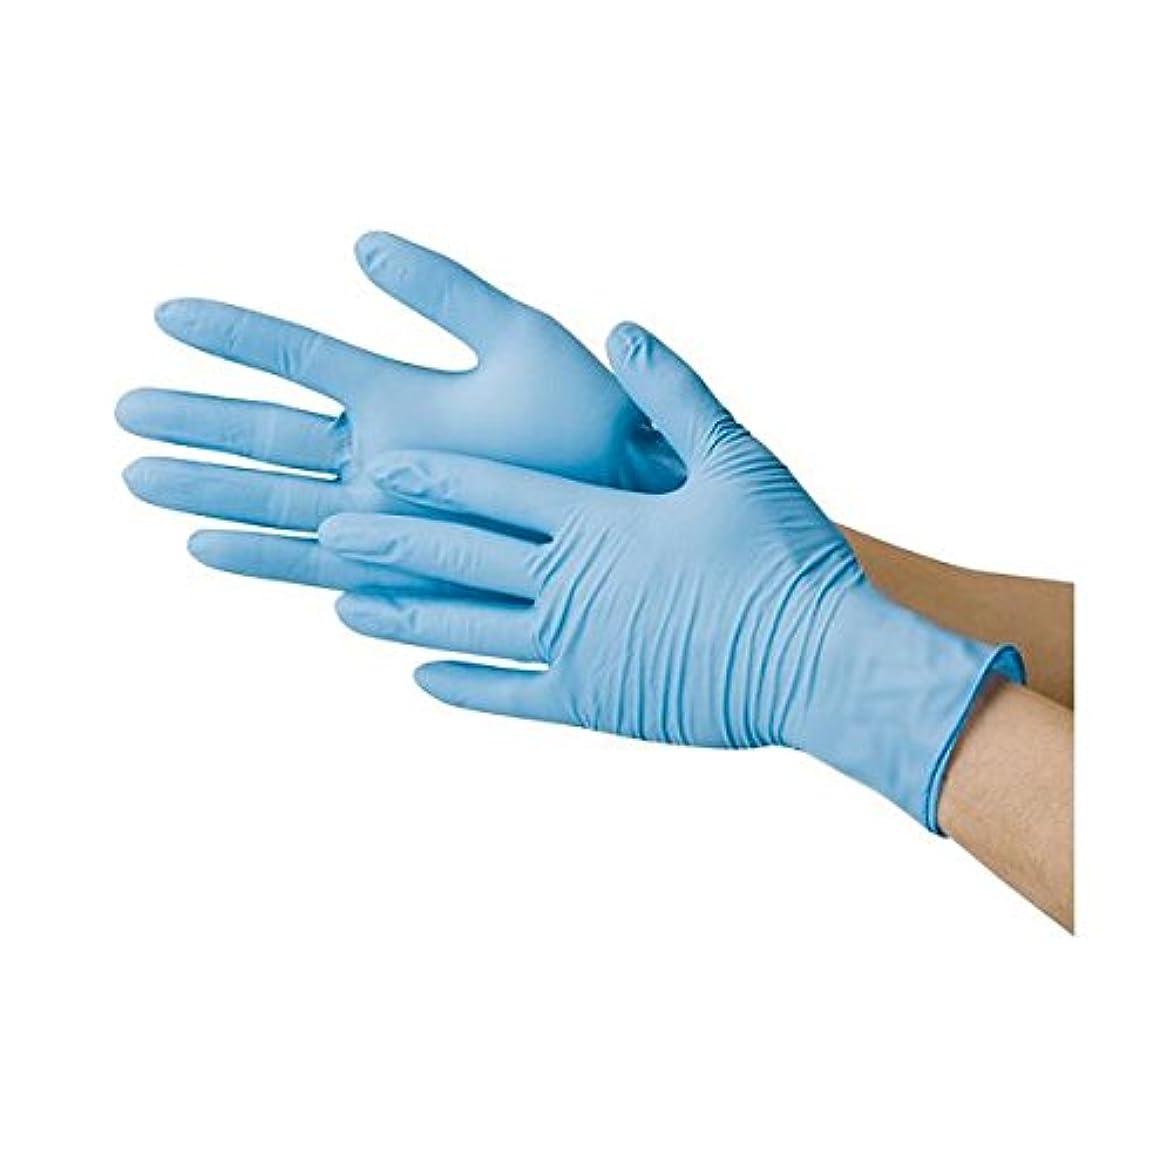 電報ブリーク栄光川西工業 ニトリル極薄手袋 粉なし ブルーS ダイエット 健康 衛生用品 その他の衛生用品 14067381 [並行輸入品]